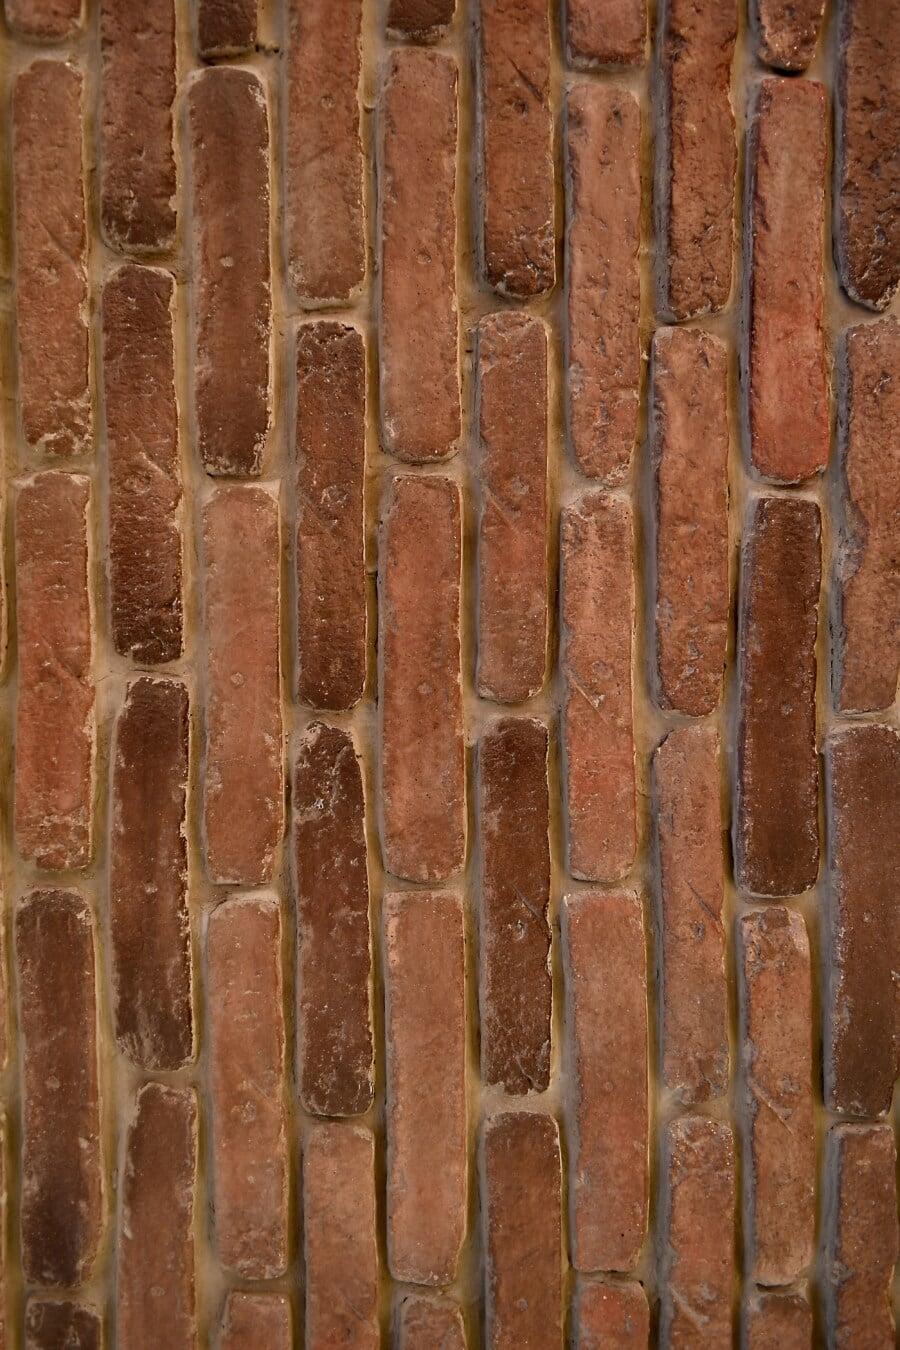 masonry, bricks, mortar, vertical, surface, wall, texture, pattern, old, brick